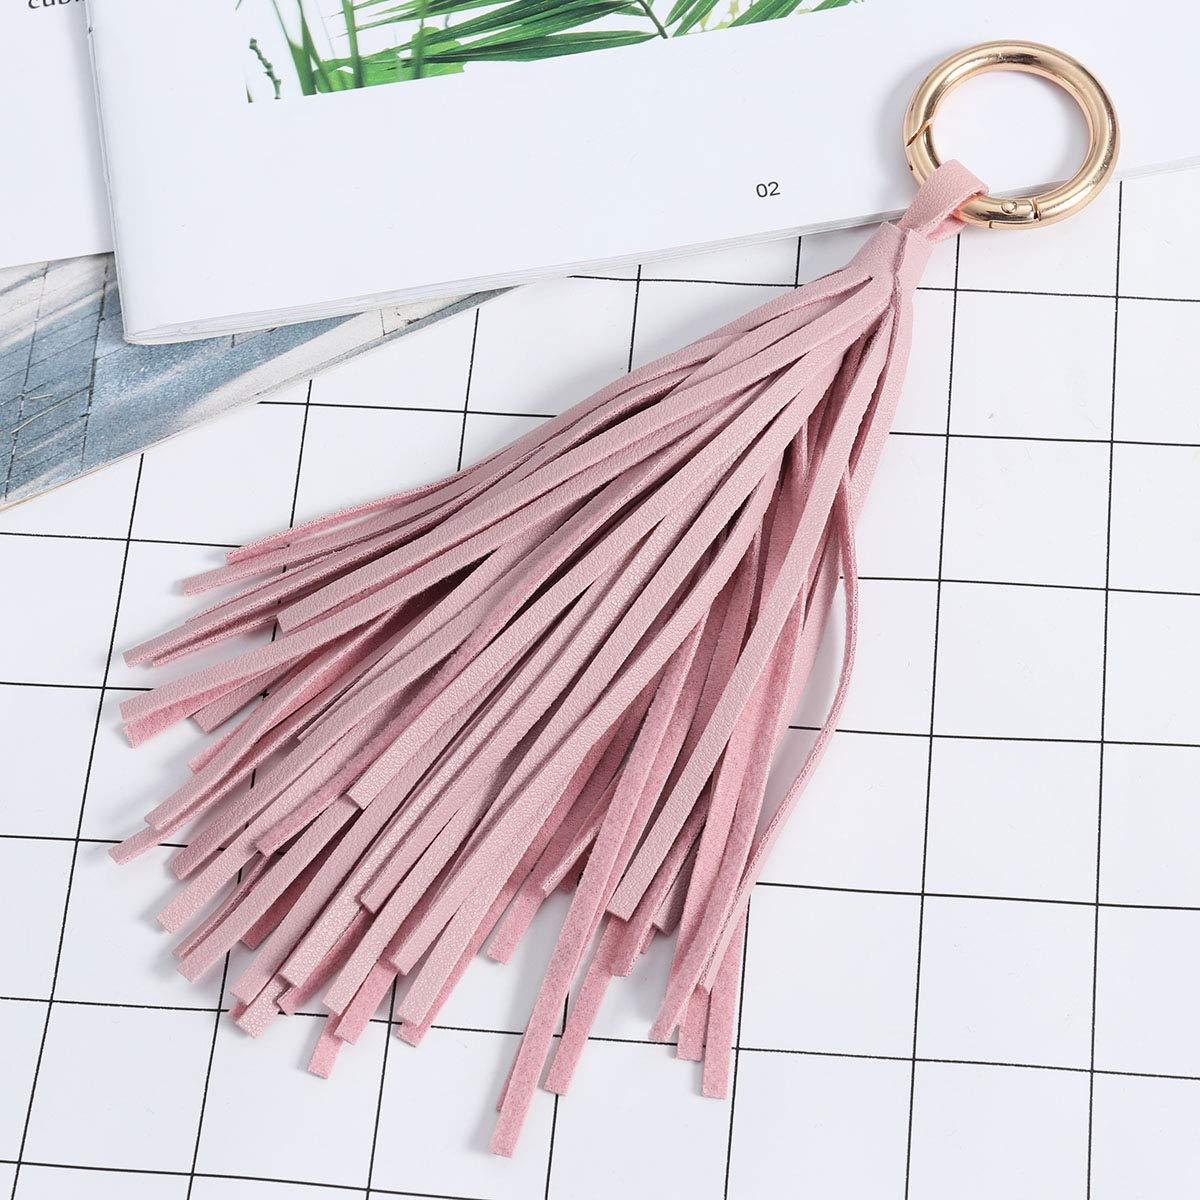 Rose FENICAL PU Cuir Charme Pendentif Pompon pour Porte-cl/és Porte-cl/és Sac /à Main